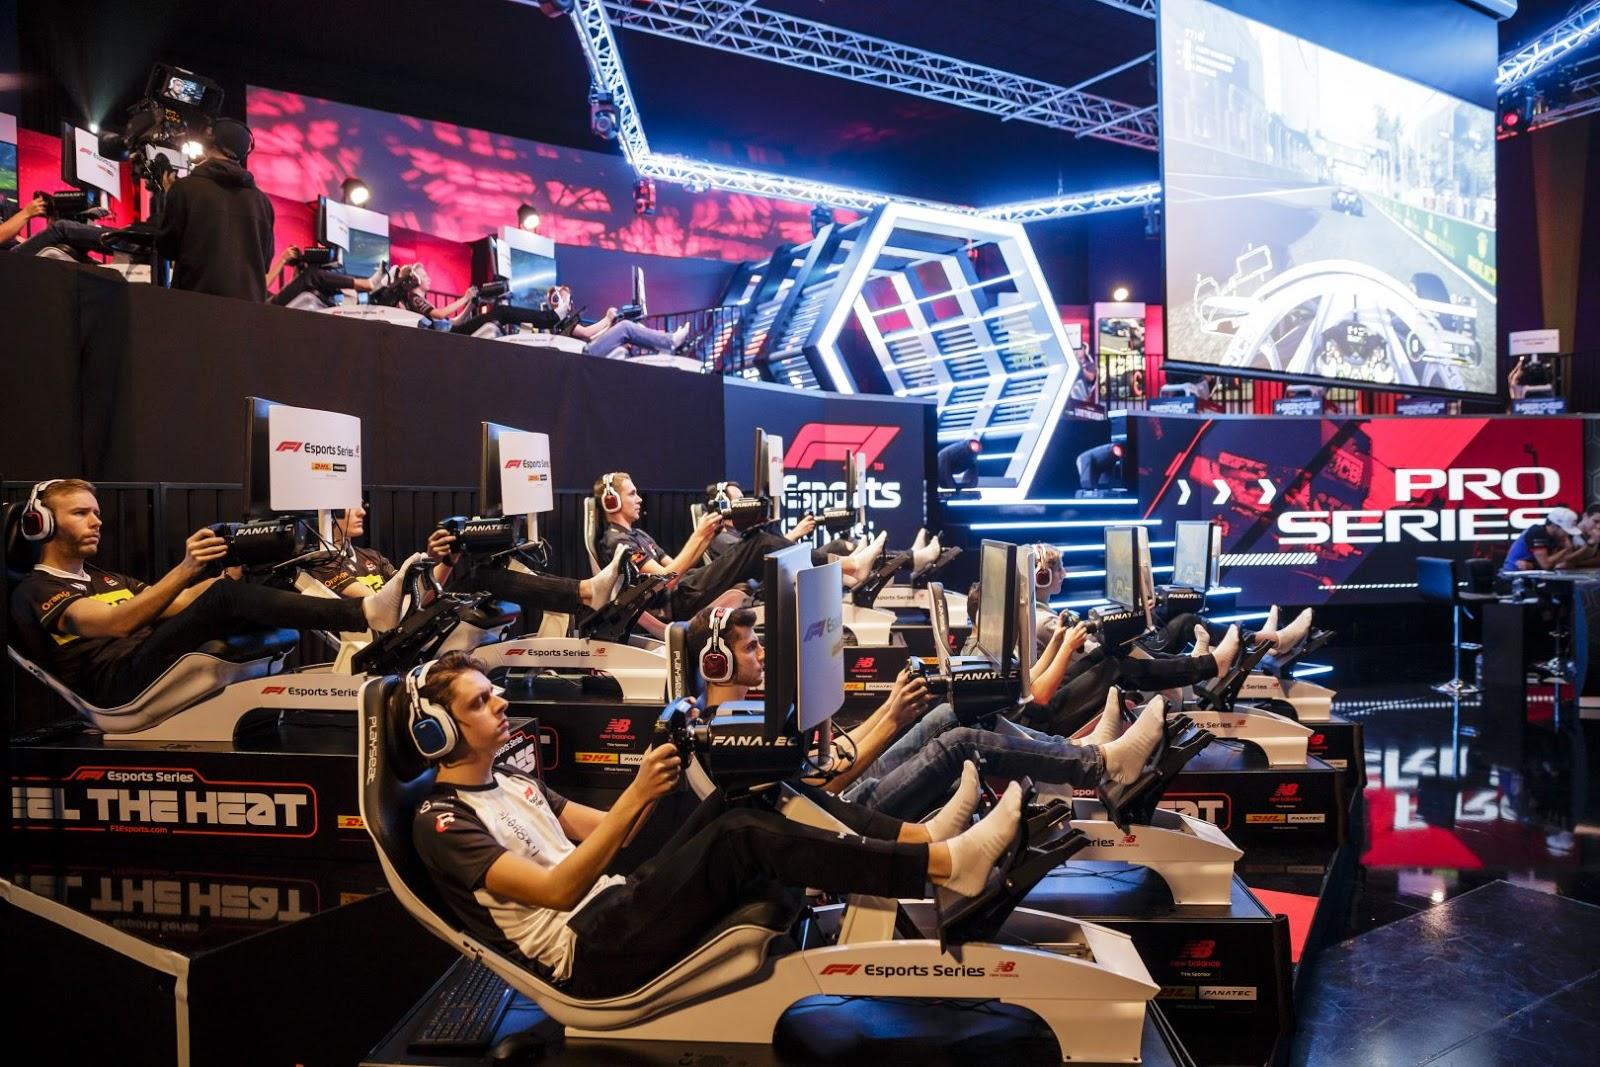 Espor Oyun Türleri F1 Espor